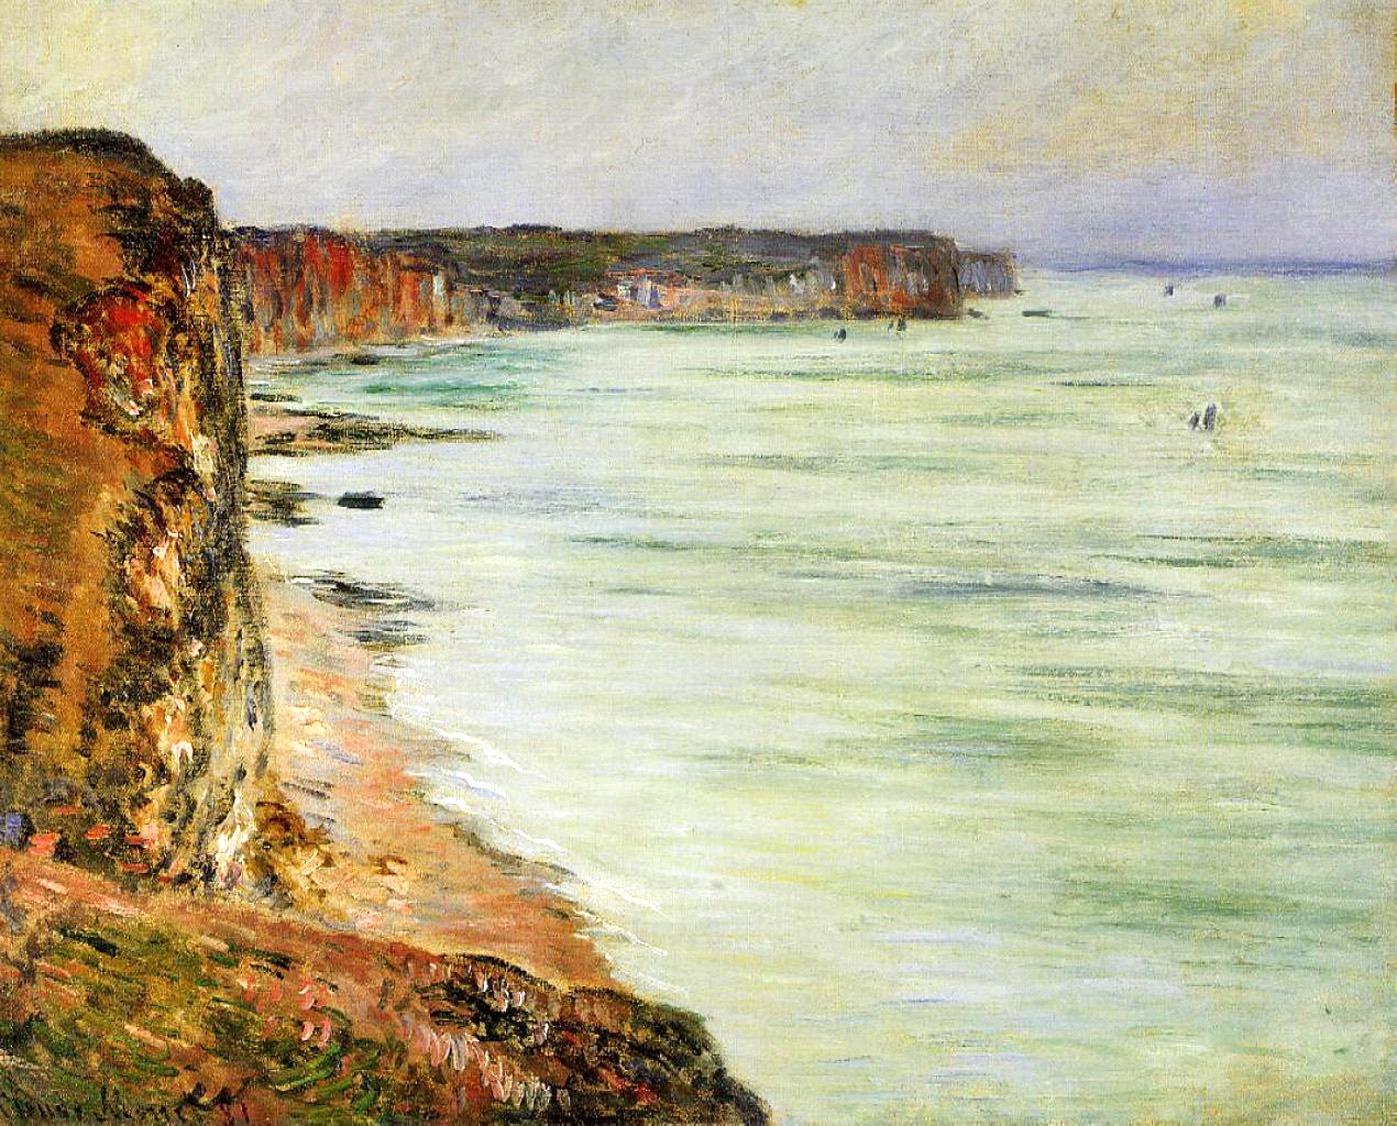 пейзажи - побережье < Тихая погода, Фекам >:: Клод Моне, описание картины - Моне Клод (Claude Monet) фото